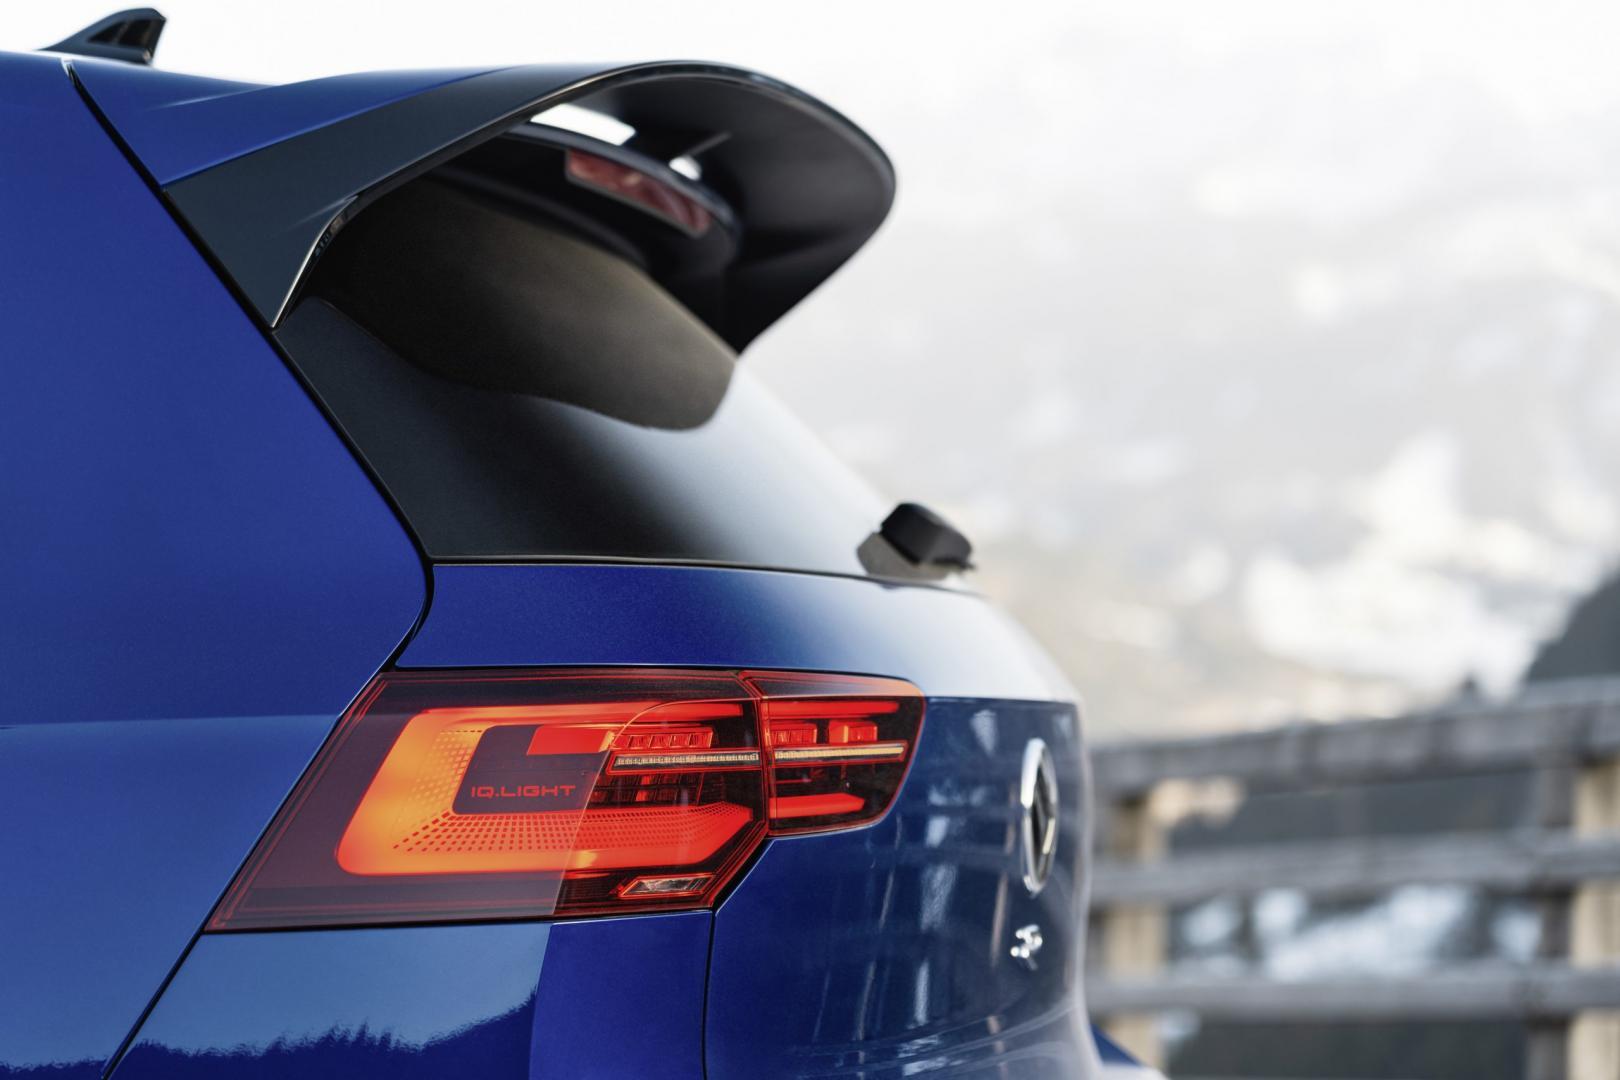 Achterspoiler Volkswagen Golf 8 R 2021